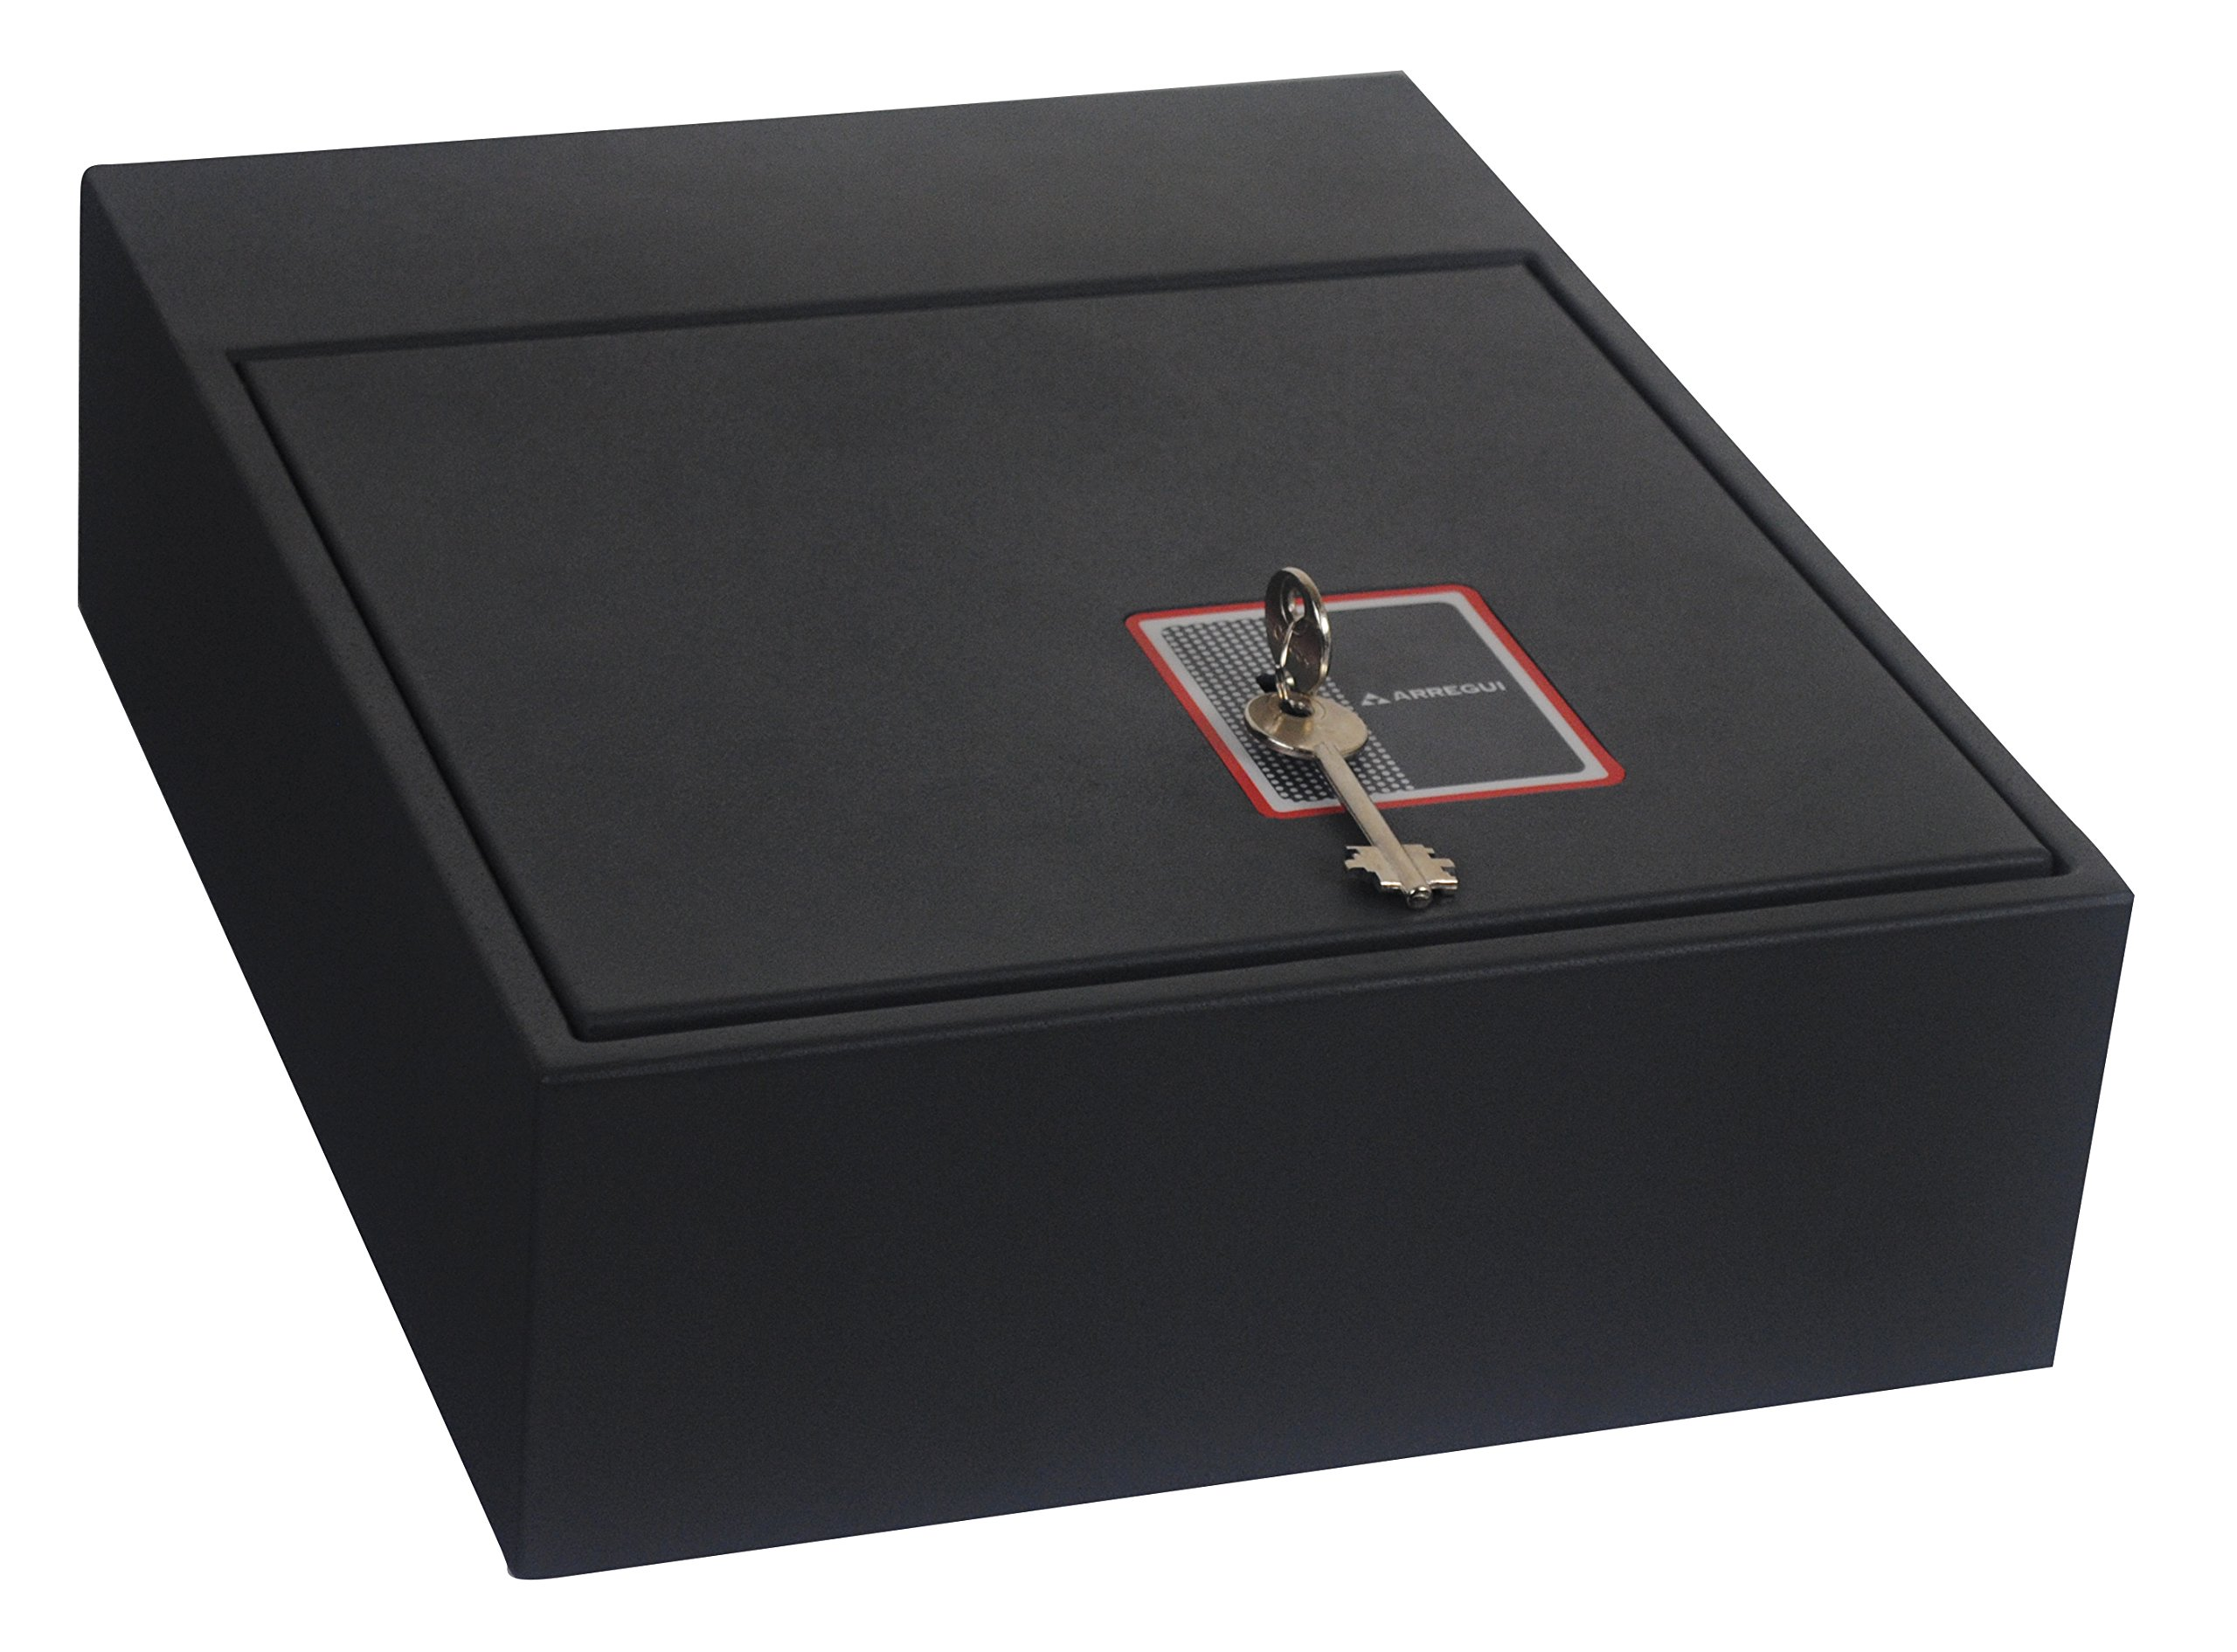 Arregui 20000-S7K- Caja fuerte camuflada para zócalo de armario, color negro product